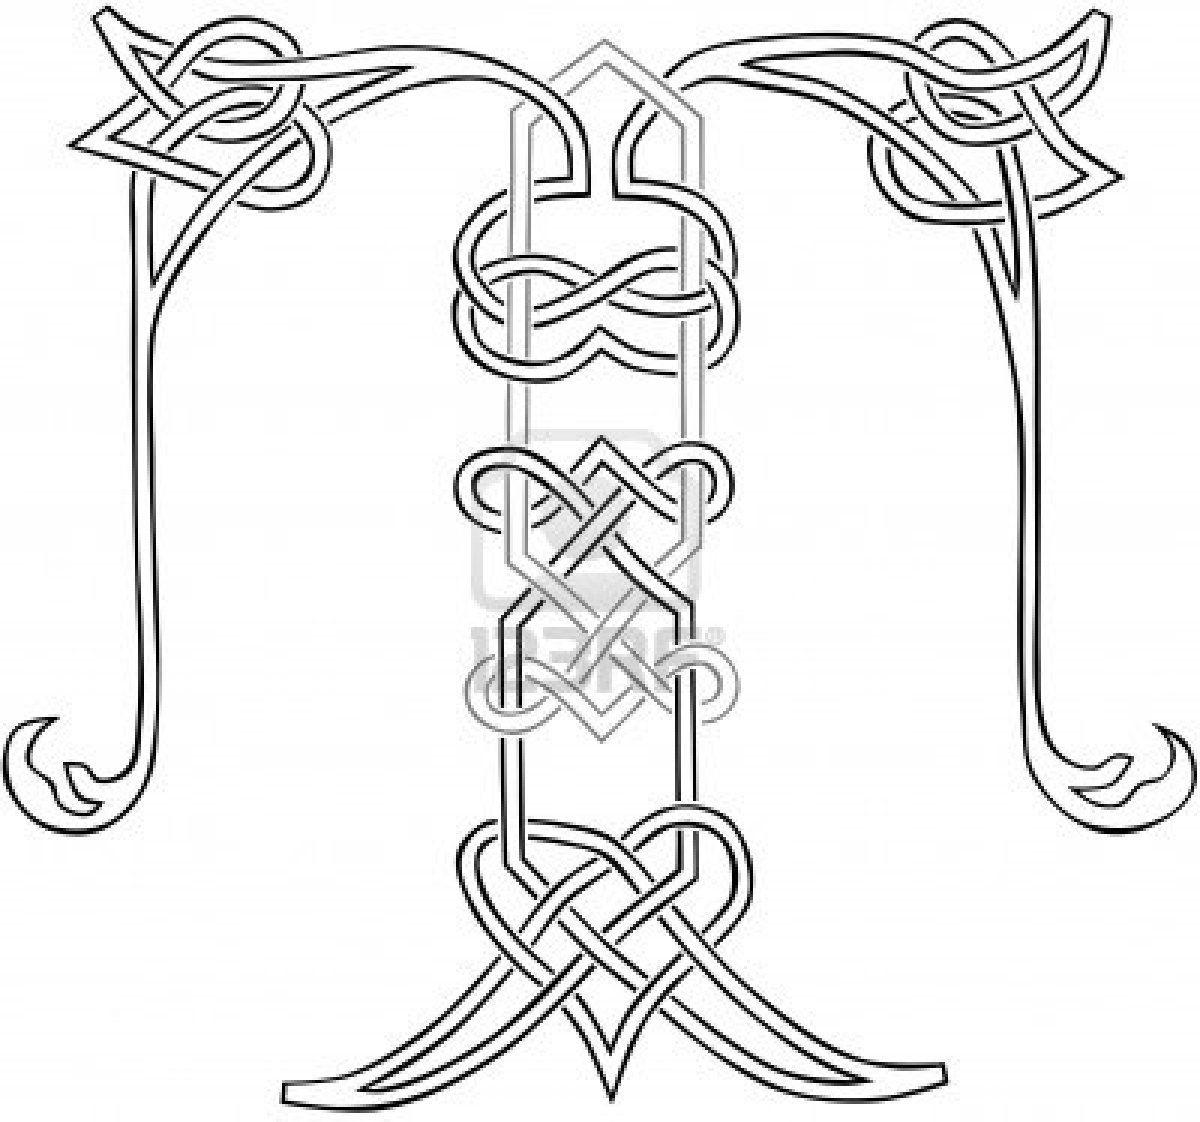 Des lettres az coloriage xpx coloriage enluminure lettre v page 2 car - Image De La Cat Gorie A Celtic Knot Work Capital Letter C Stylized Outline Image